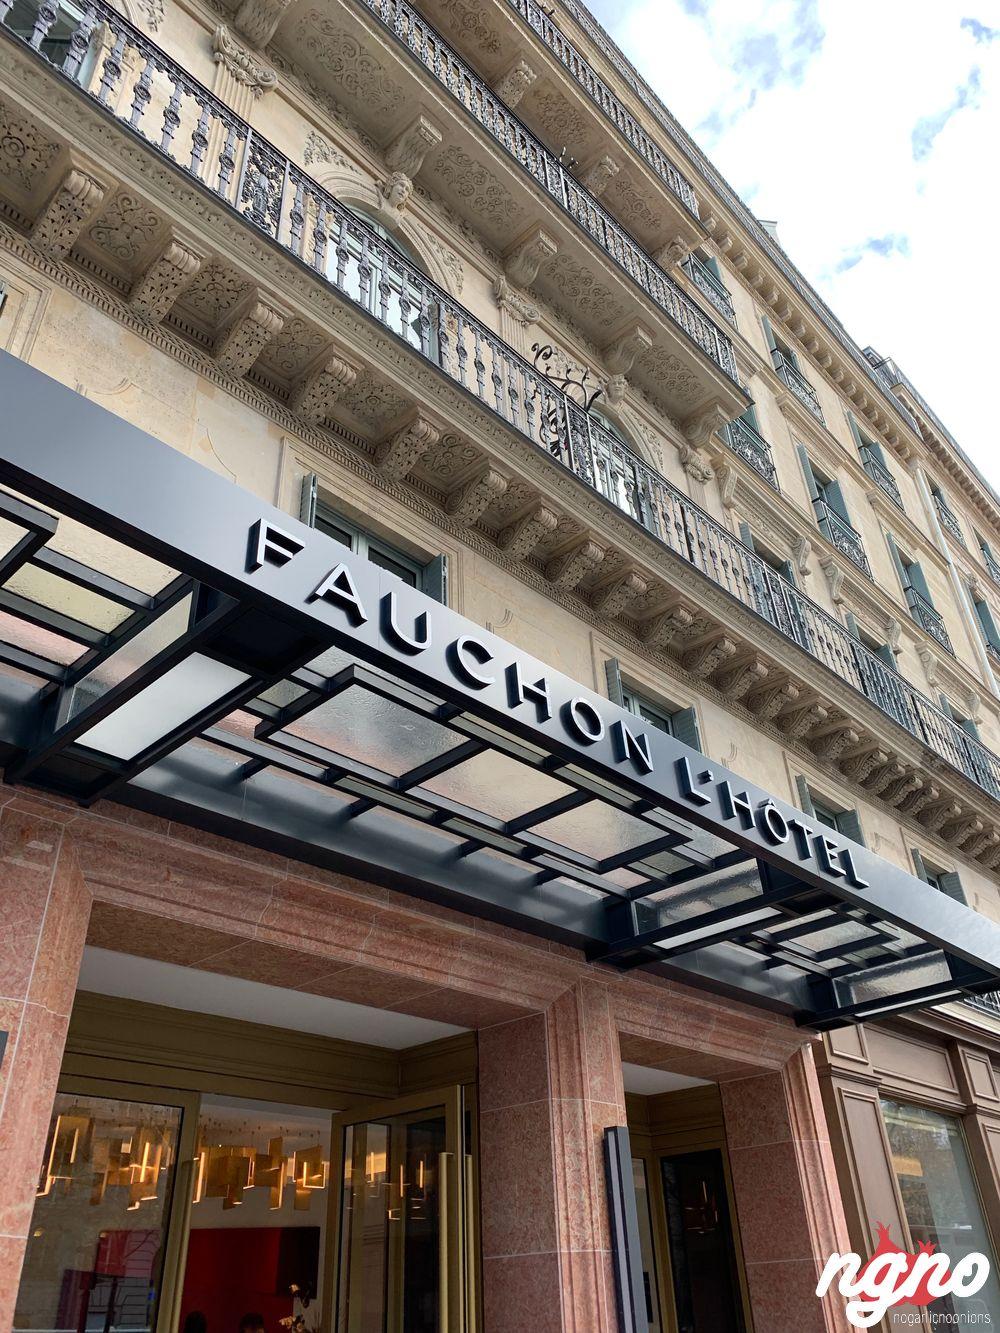 fauchon-l-hotel-paris-nogarlicnoonions-802018-12-17-10-07-45